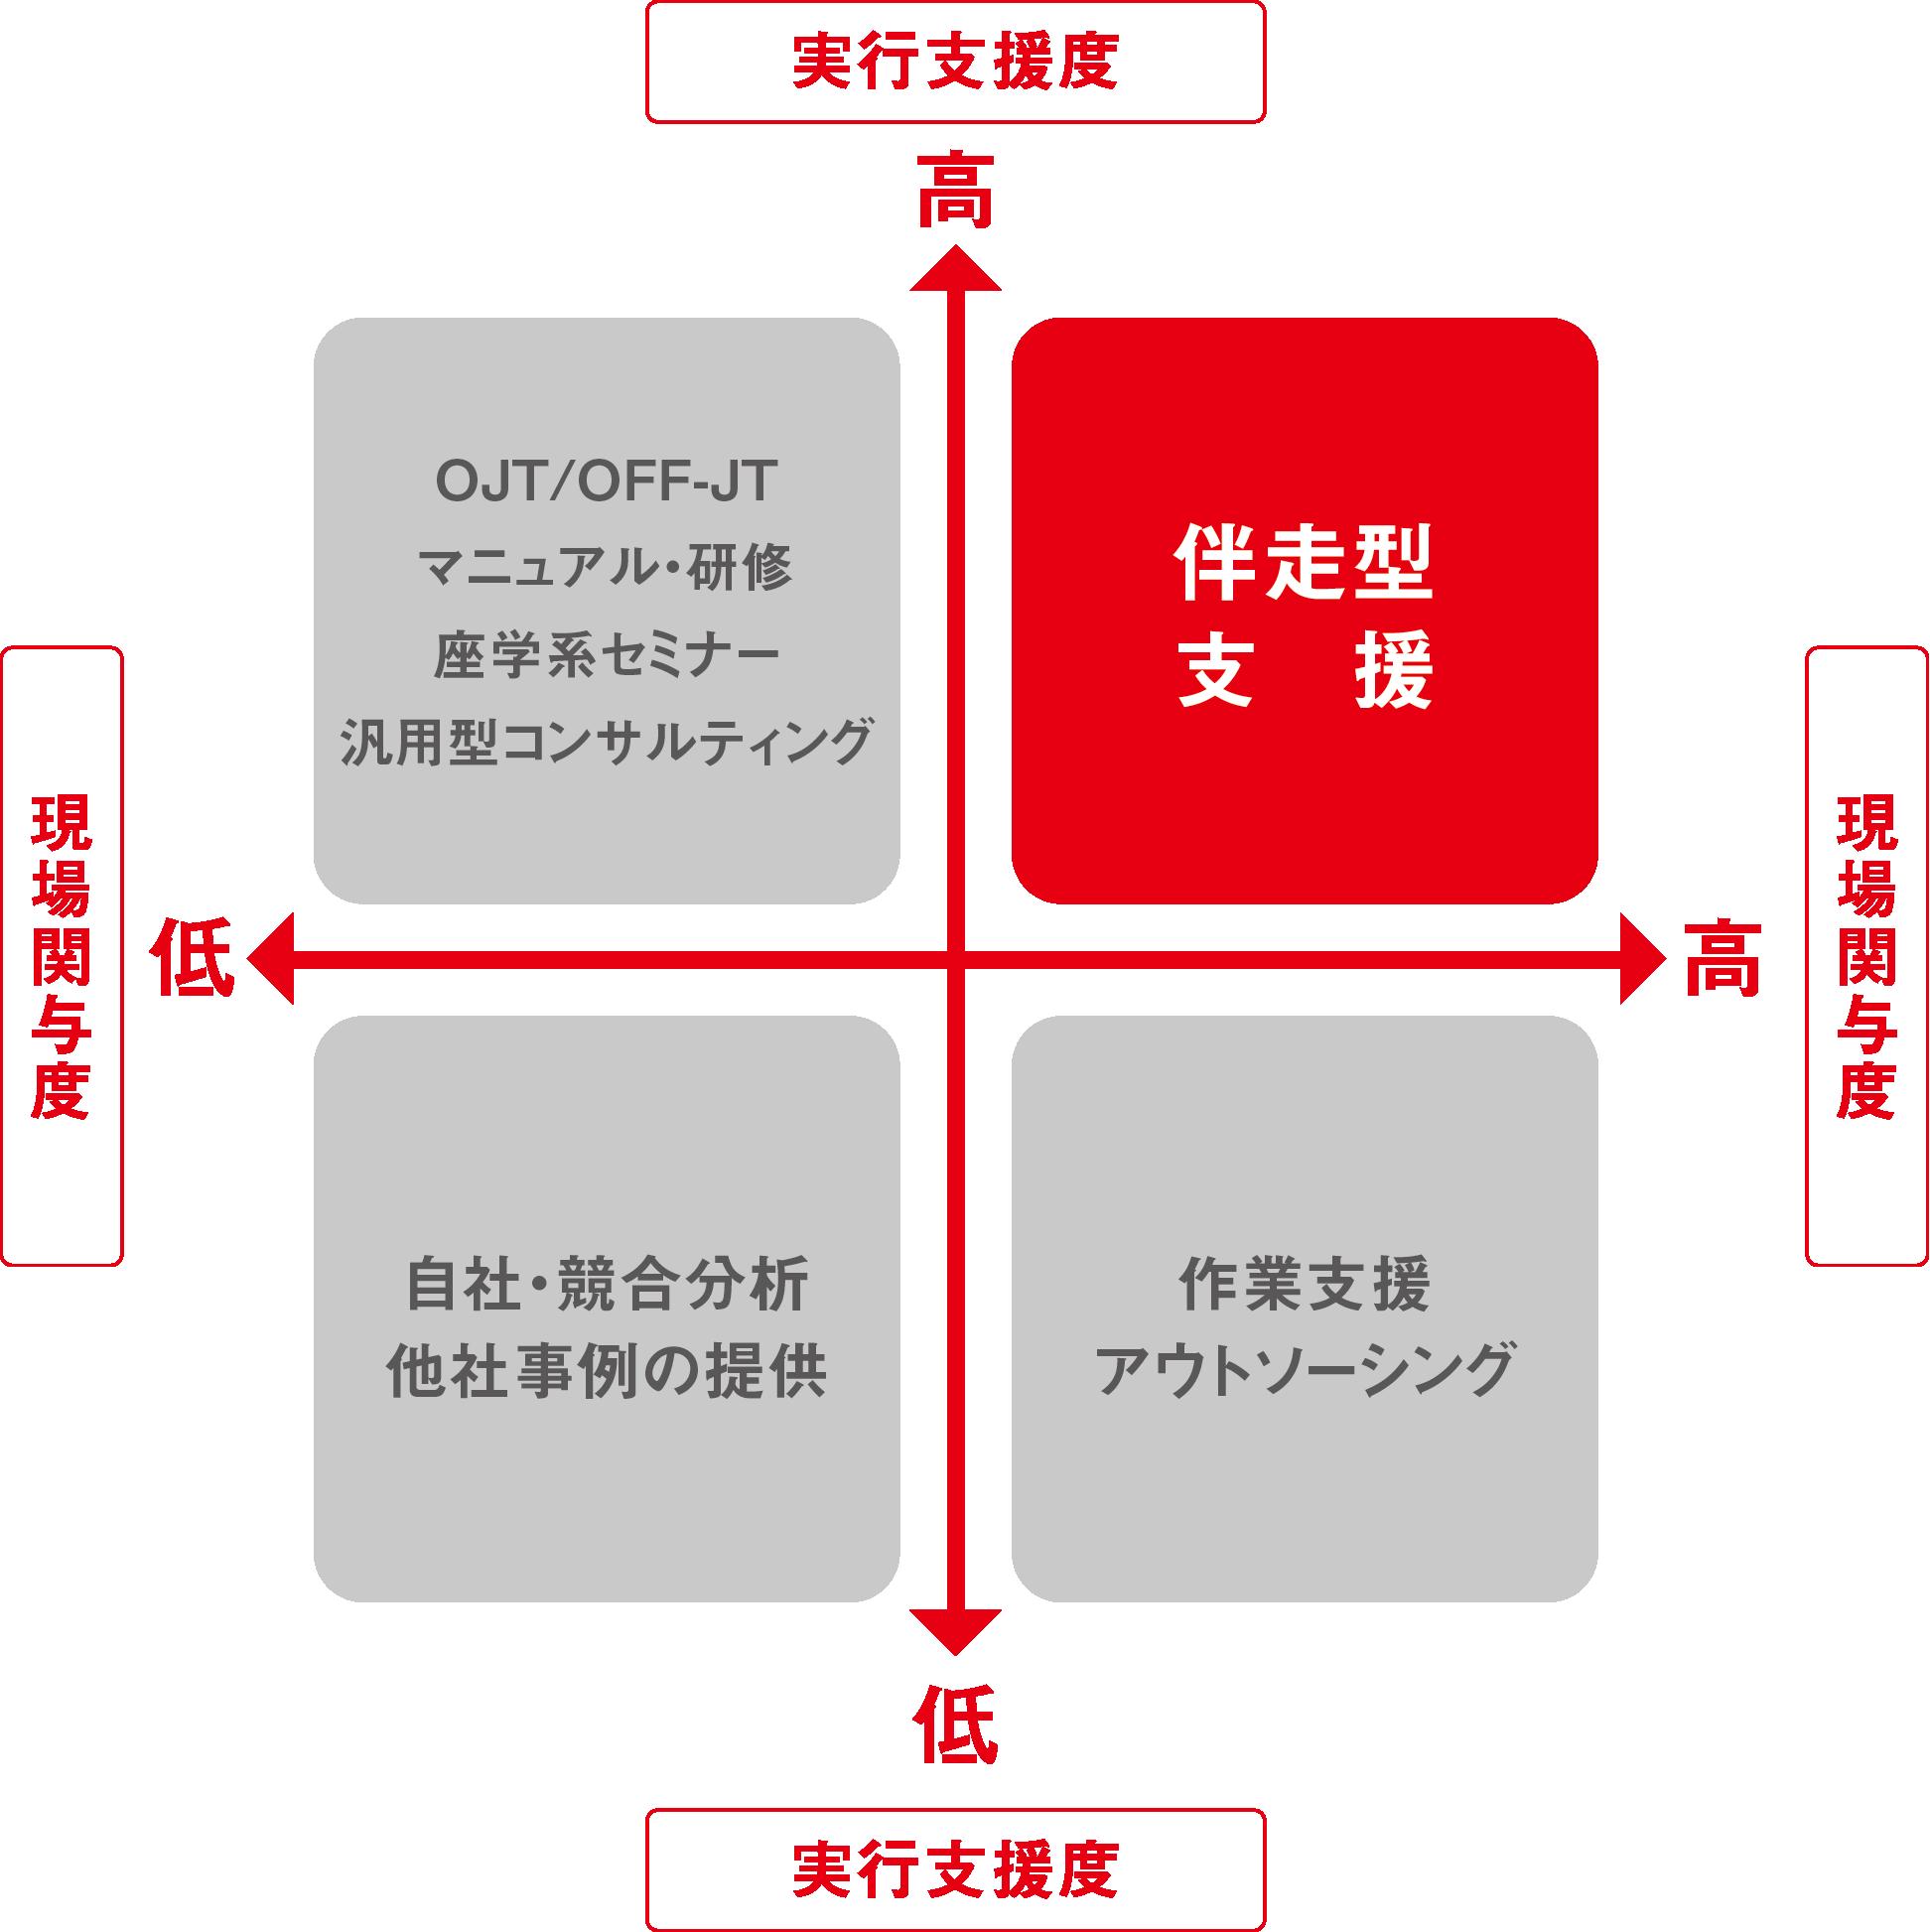 伴走型支援サービス概念図